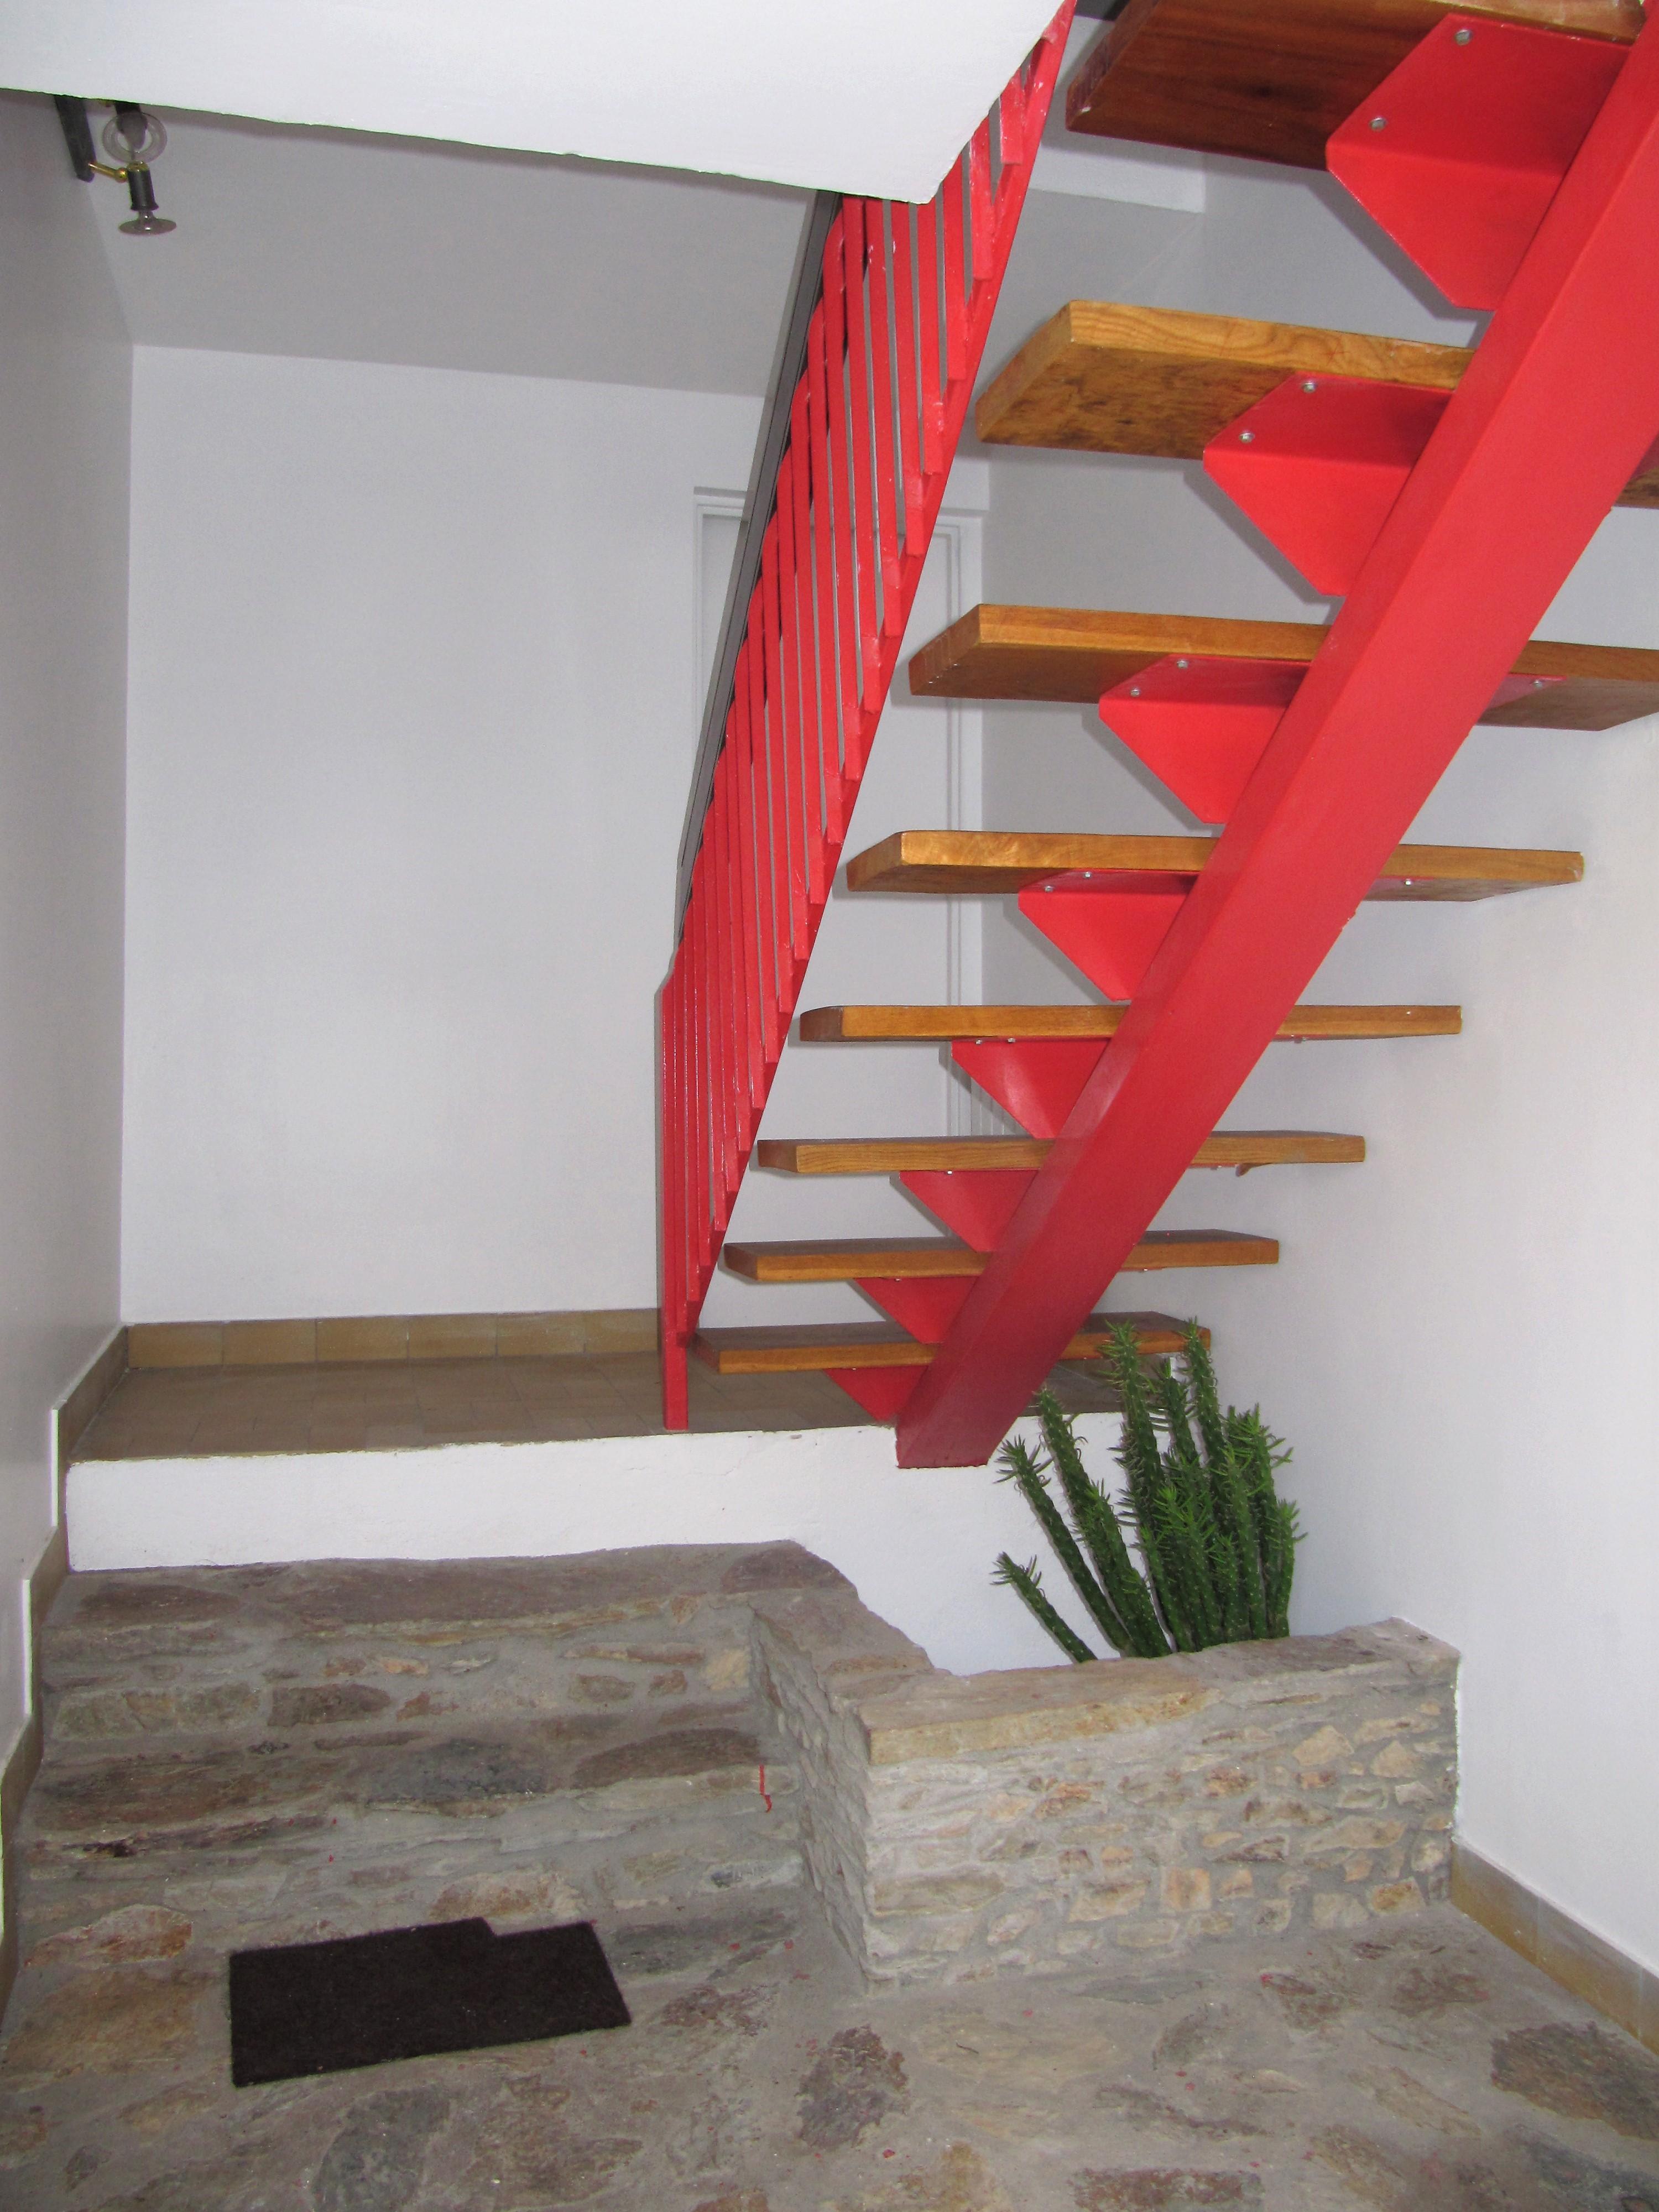 Idéal investisseur ou artisan - Immeuble à Vitry-sur-Seine (94400)